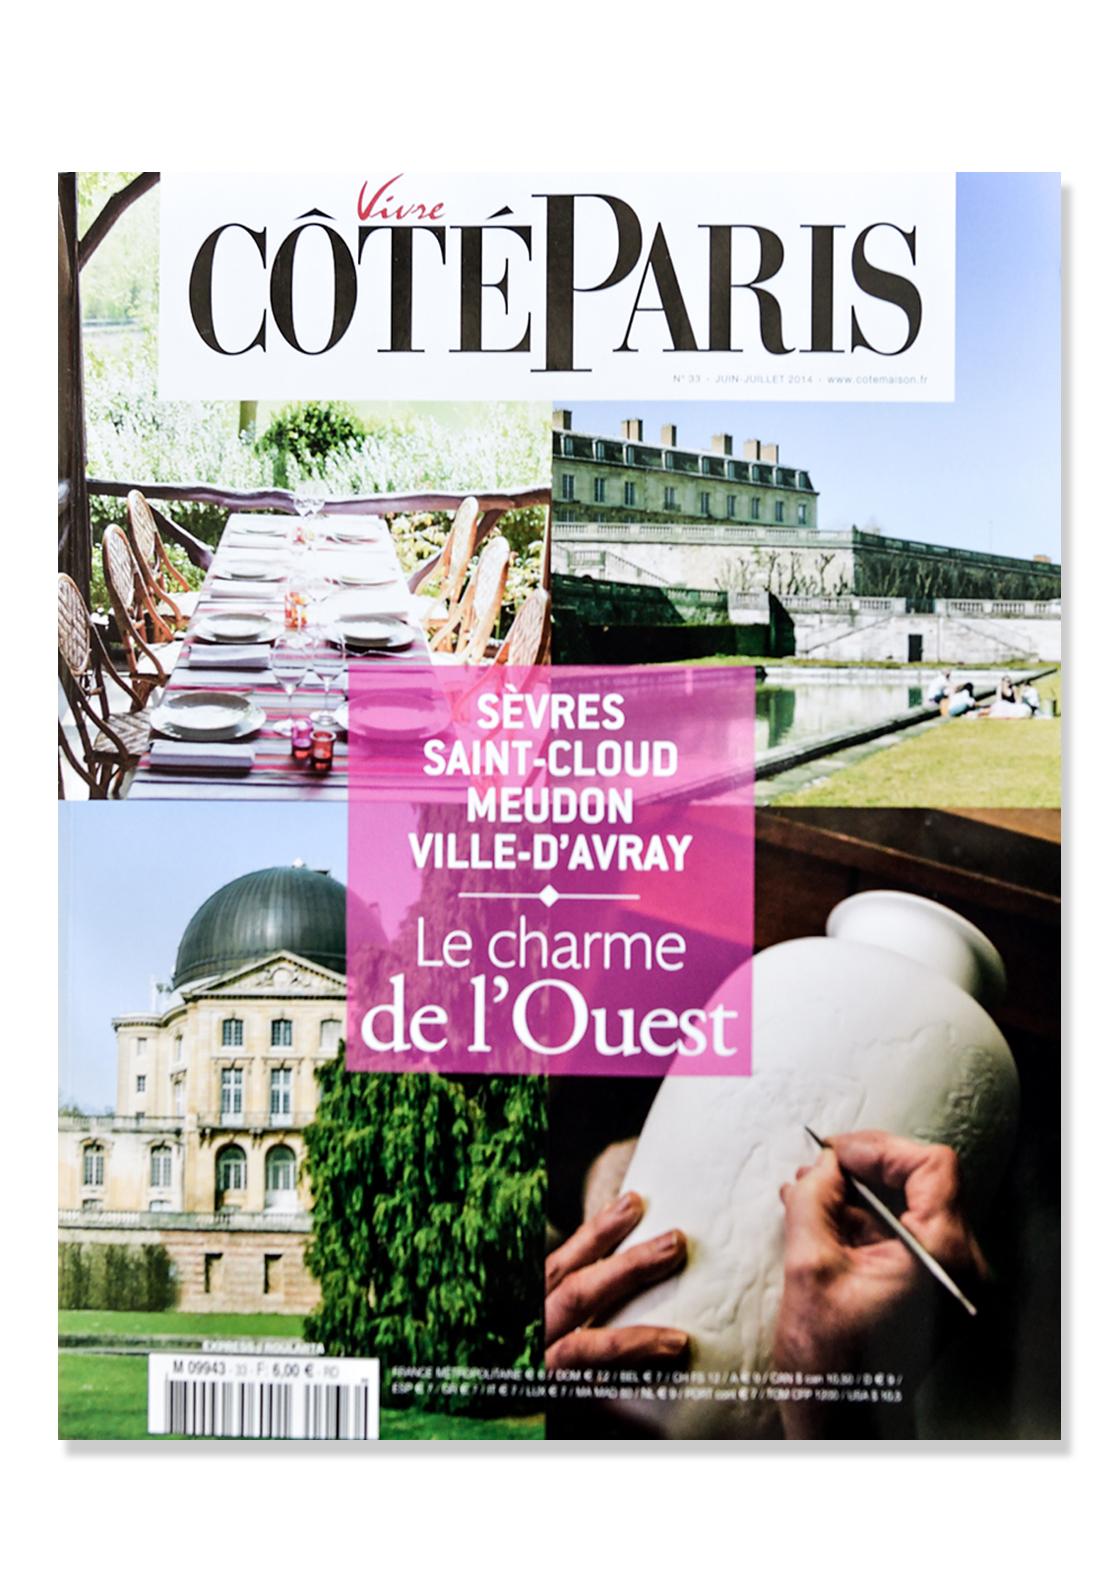 ROYAL_ROULOTTE_COTE_PARIS_2019_02